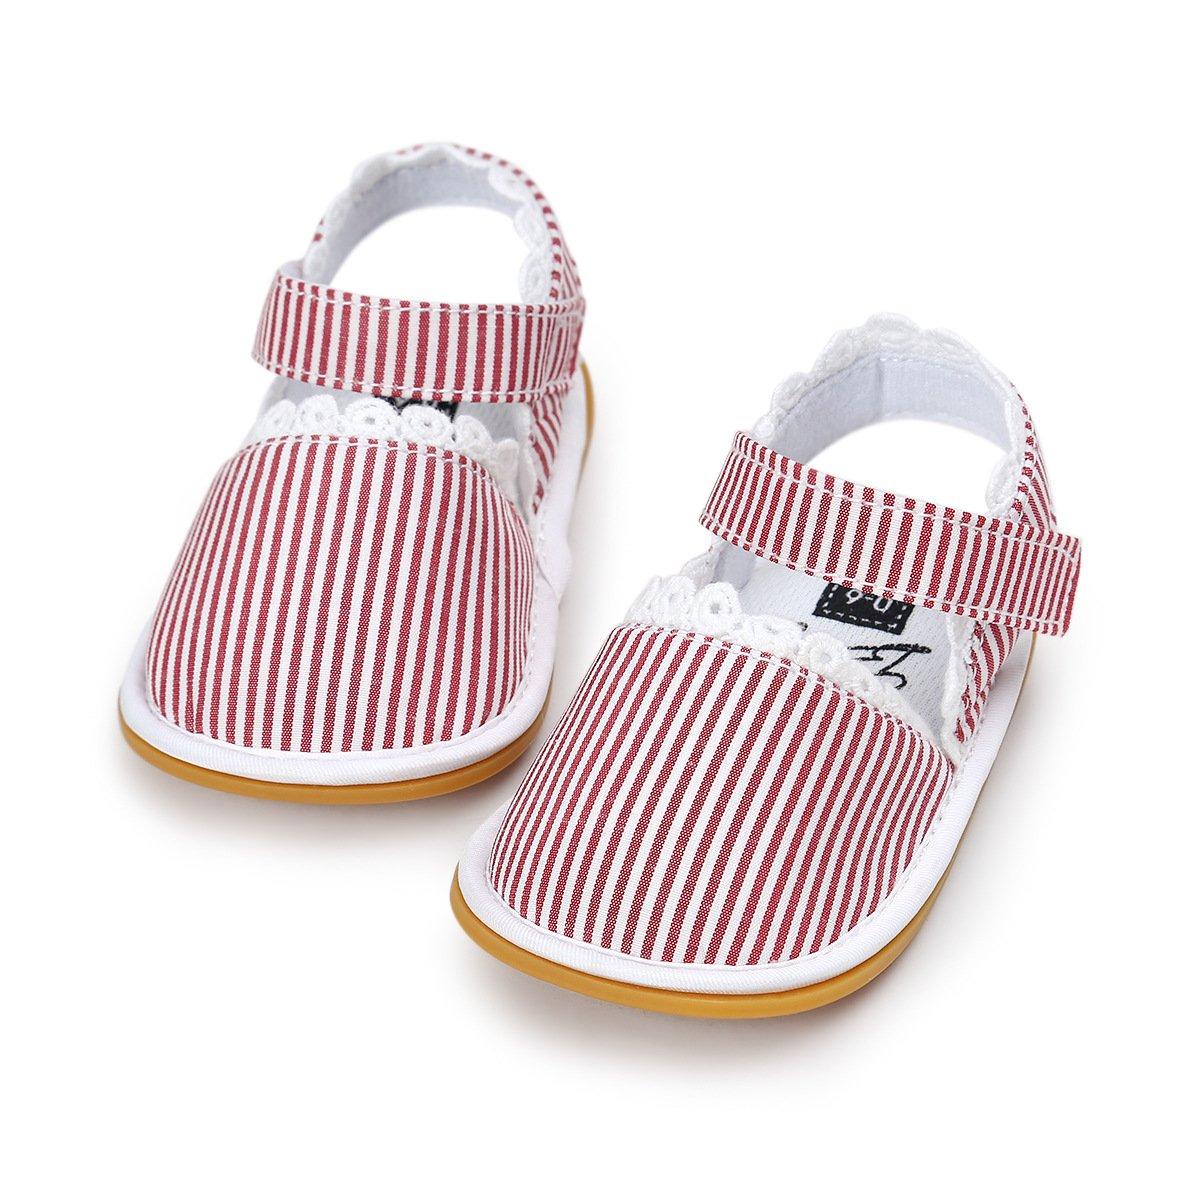 11cm // 0-6meses, Azul Morbuy Unisexo Zapatos Bebe Primeros Pasos Verano Reci/én nacido 0-18 Mes Beb/é Casual Verano Zapatos Suela Blanda Zapatillas Antideslizante Sandalias Zapatos de Beb/é